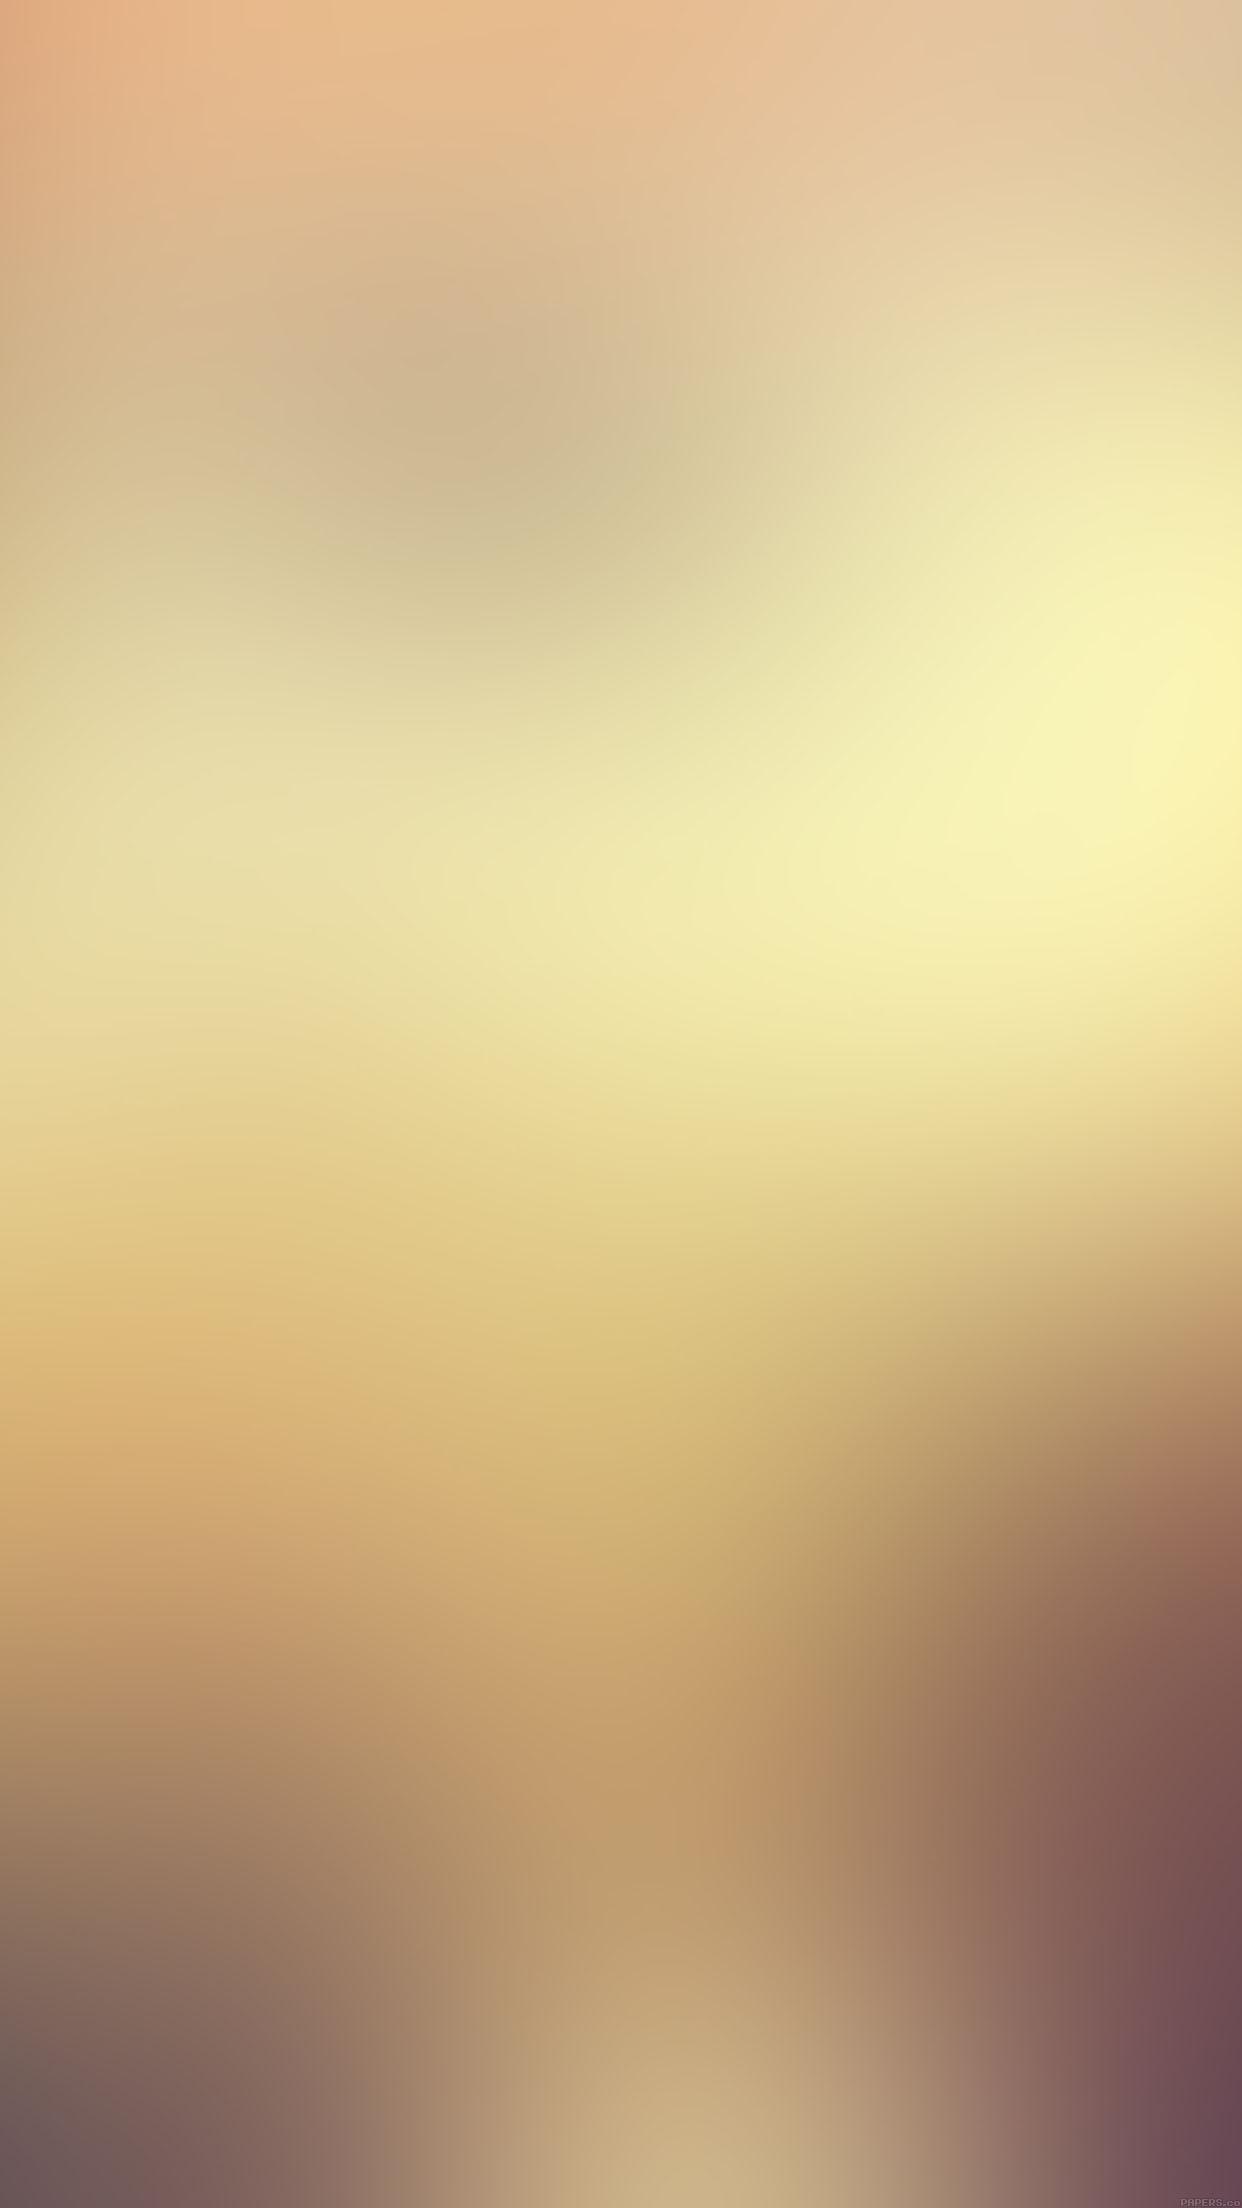 Iphone6papers Sb31 Wallpaper Golden Hours Blur